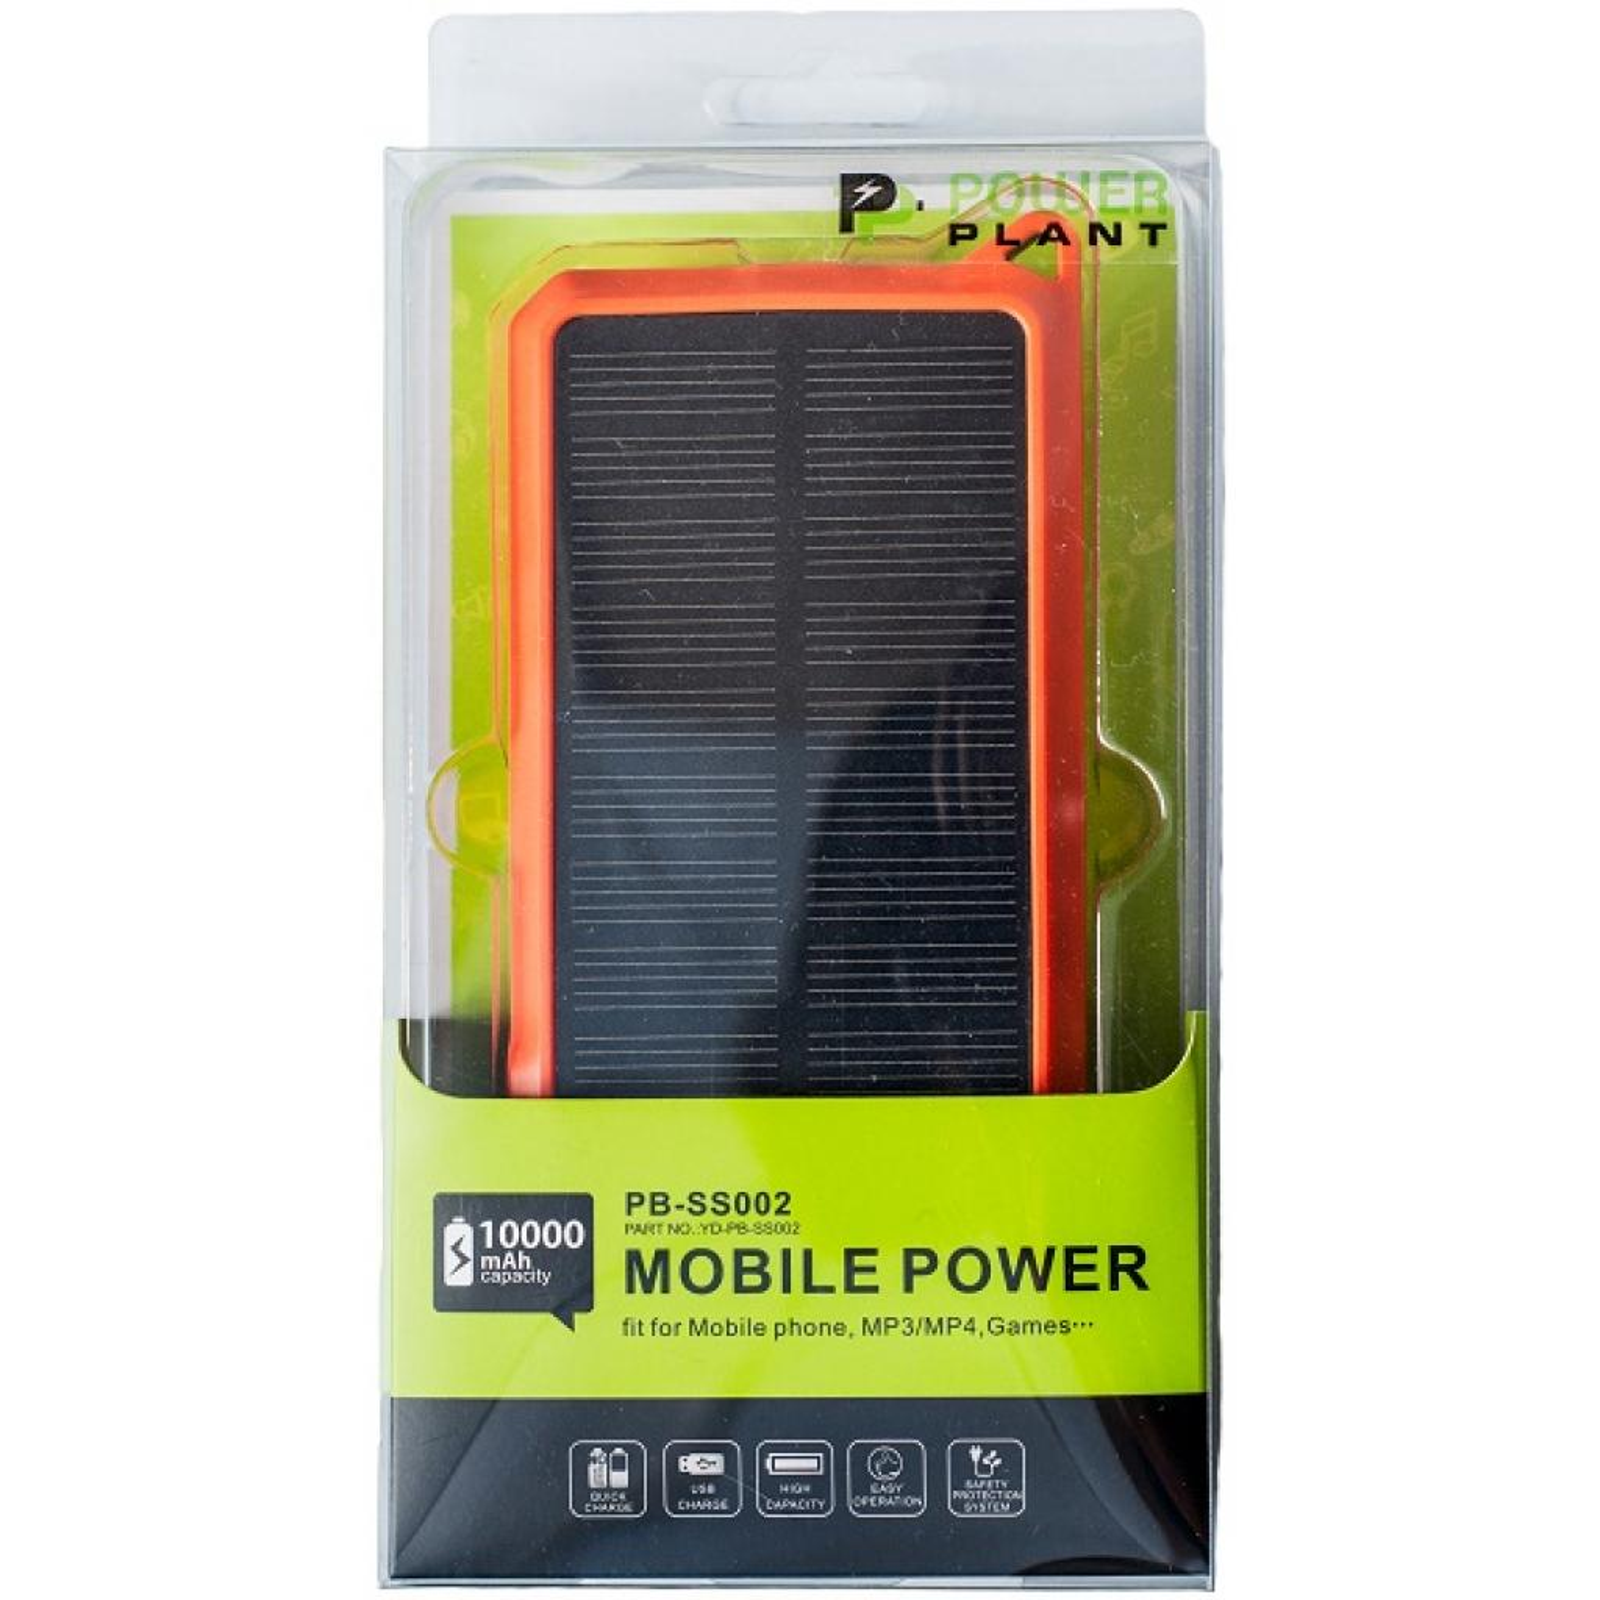 Батарея универсальная PowerPlant PB-SS002 10000mAh (PB-SS002) изображение 6